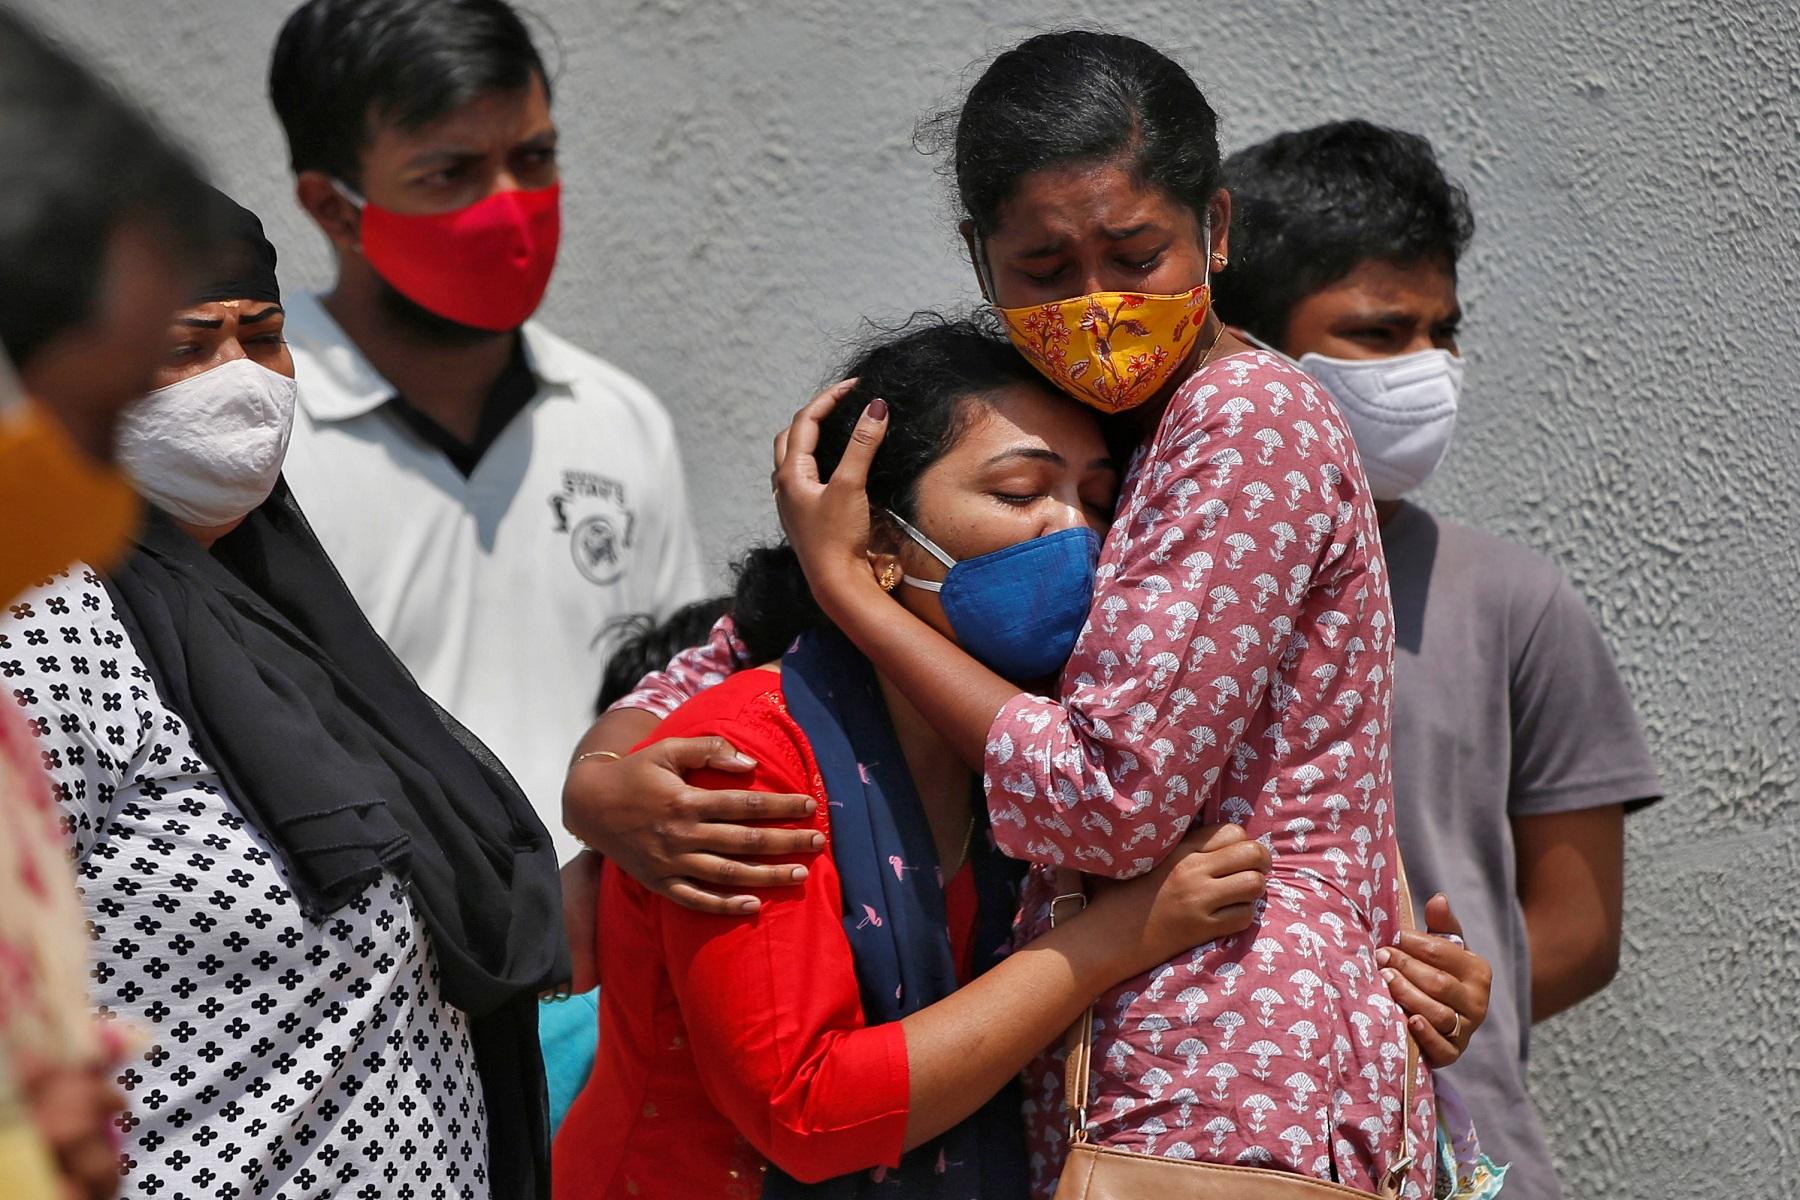 Ινδία: Χιλιάδες αναρρώσαντες από Covid-19 εμφανίζουν θανατηφόρα μυκητιασική λοίμωξη